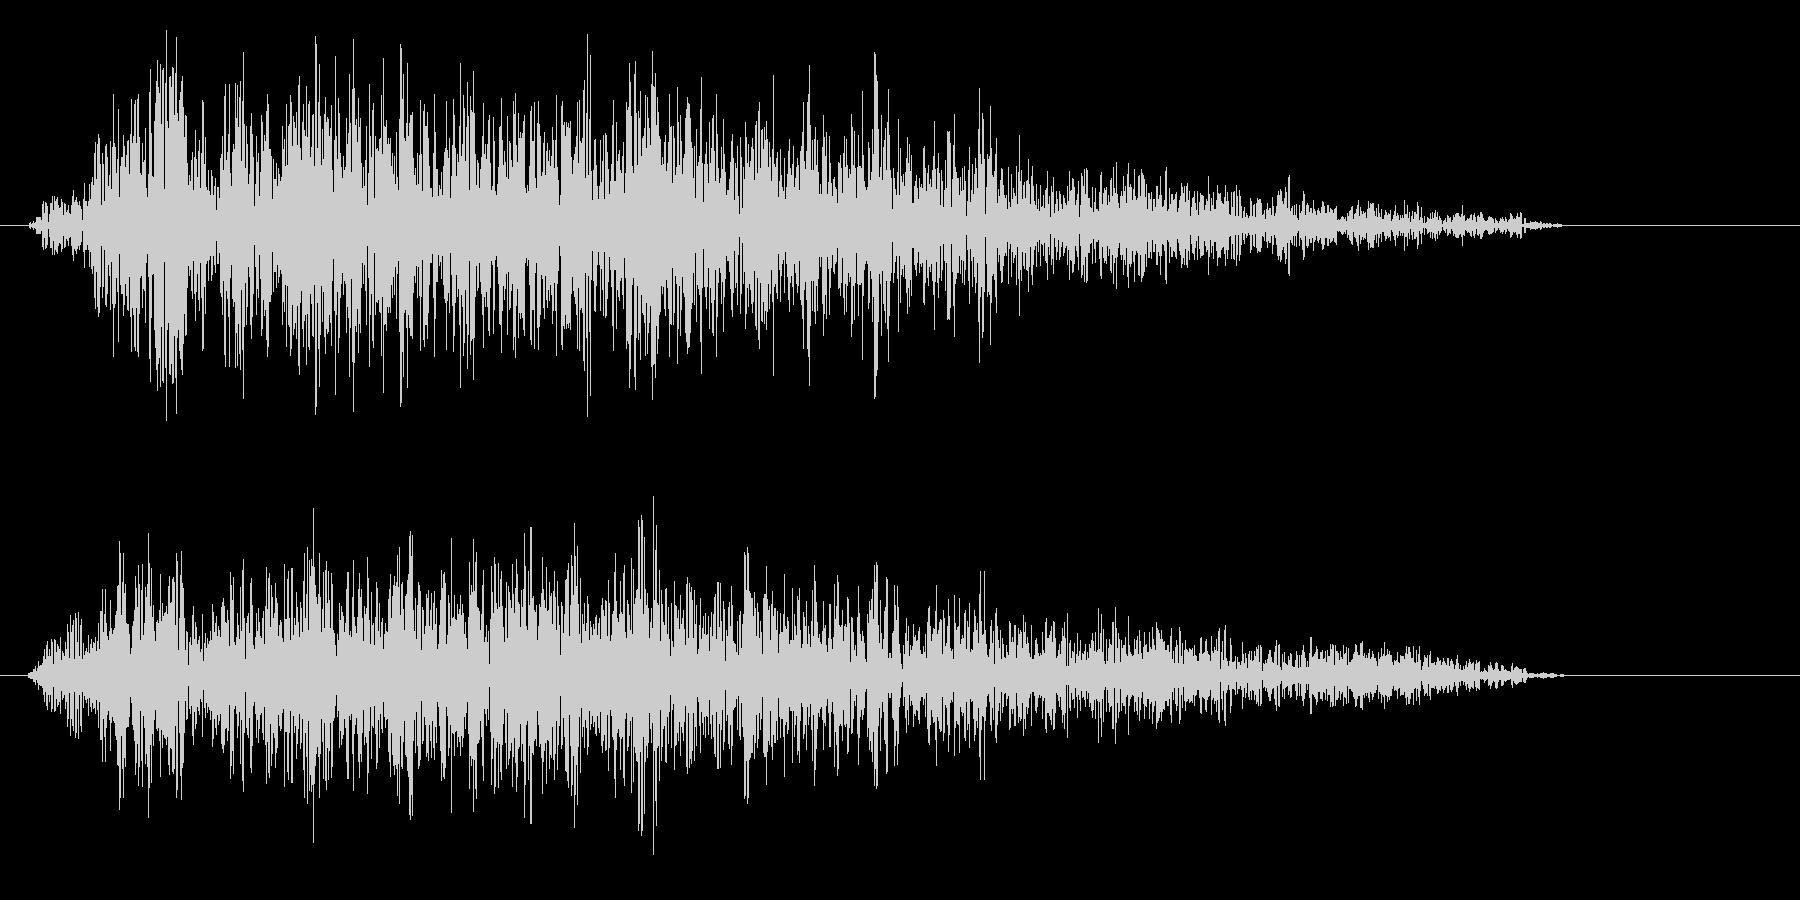 ザーッという摩擦系の音の未再生の波形